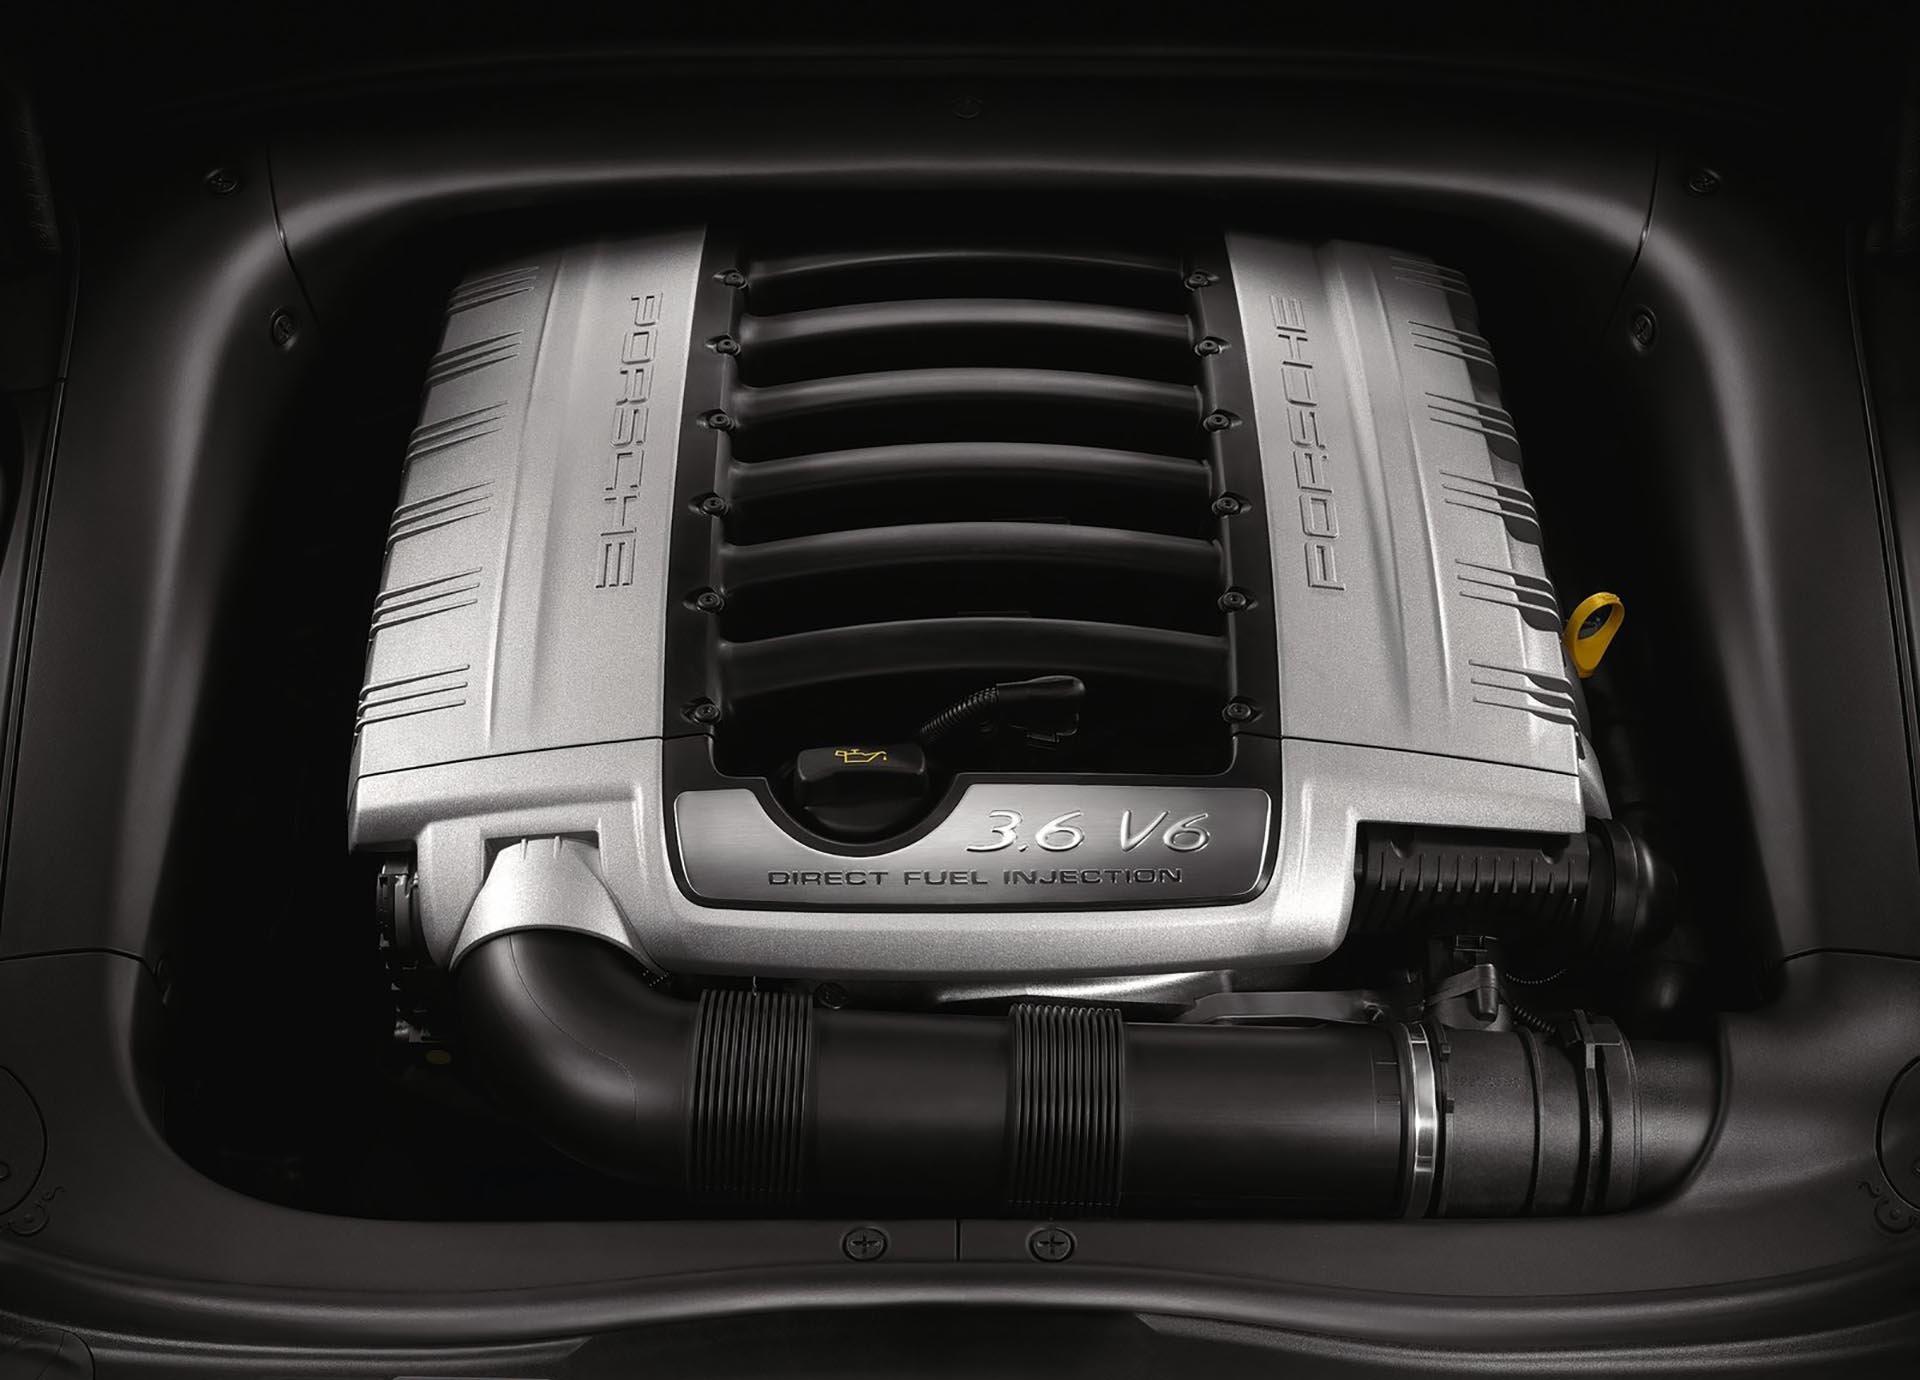 07_Porsche 957 Cayenne 3.6 VR6 base engine bay